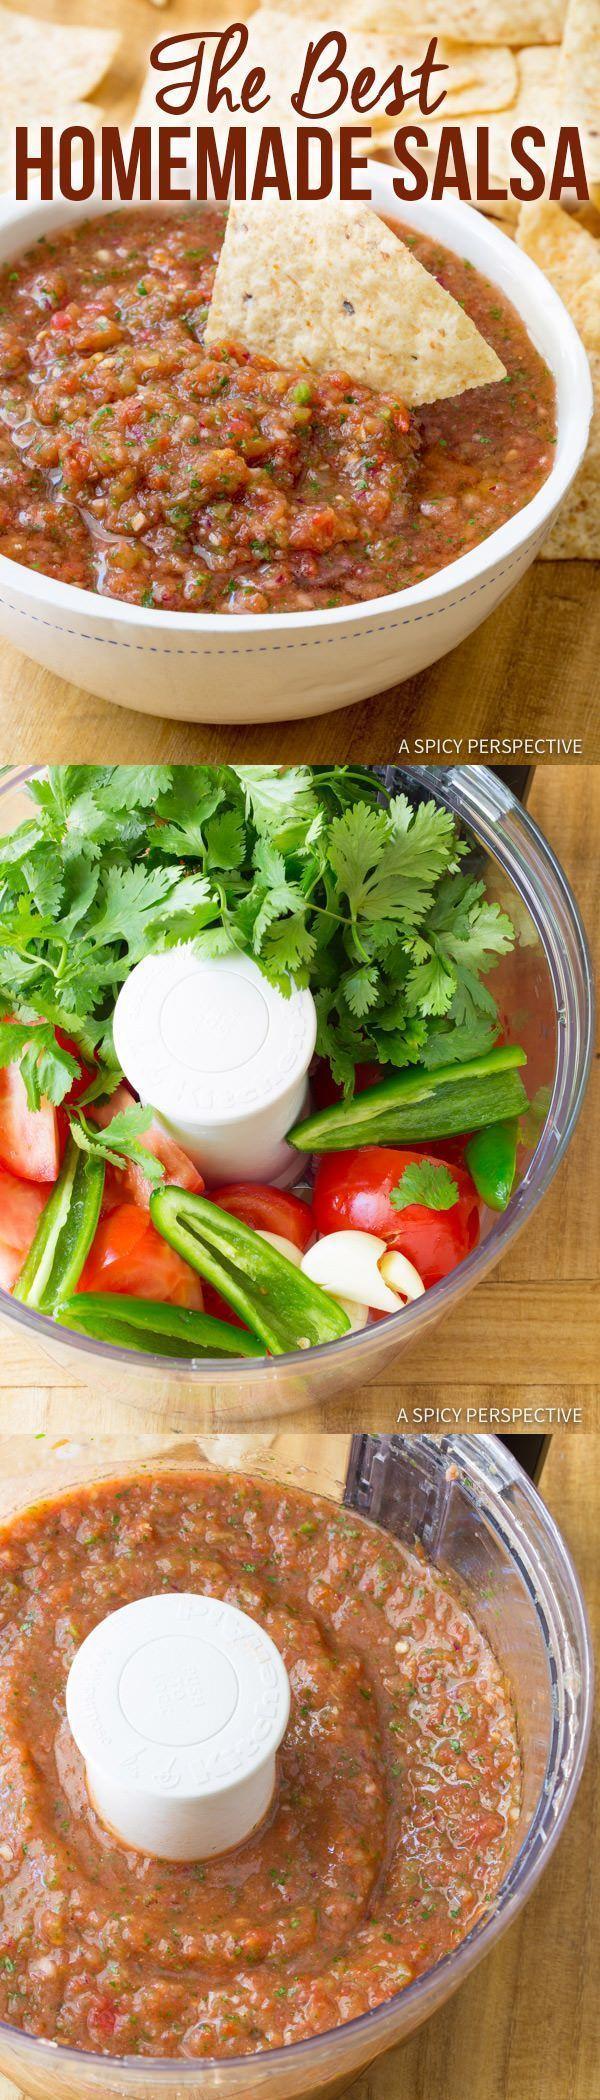 Healthy motivation la meilleure recette de salsa faite maison rapide saine et d licieuse - Recette saine et equilibree ...